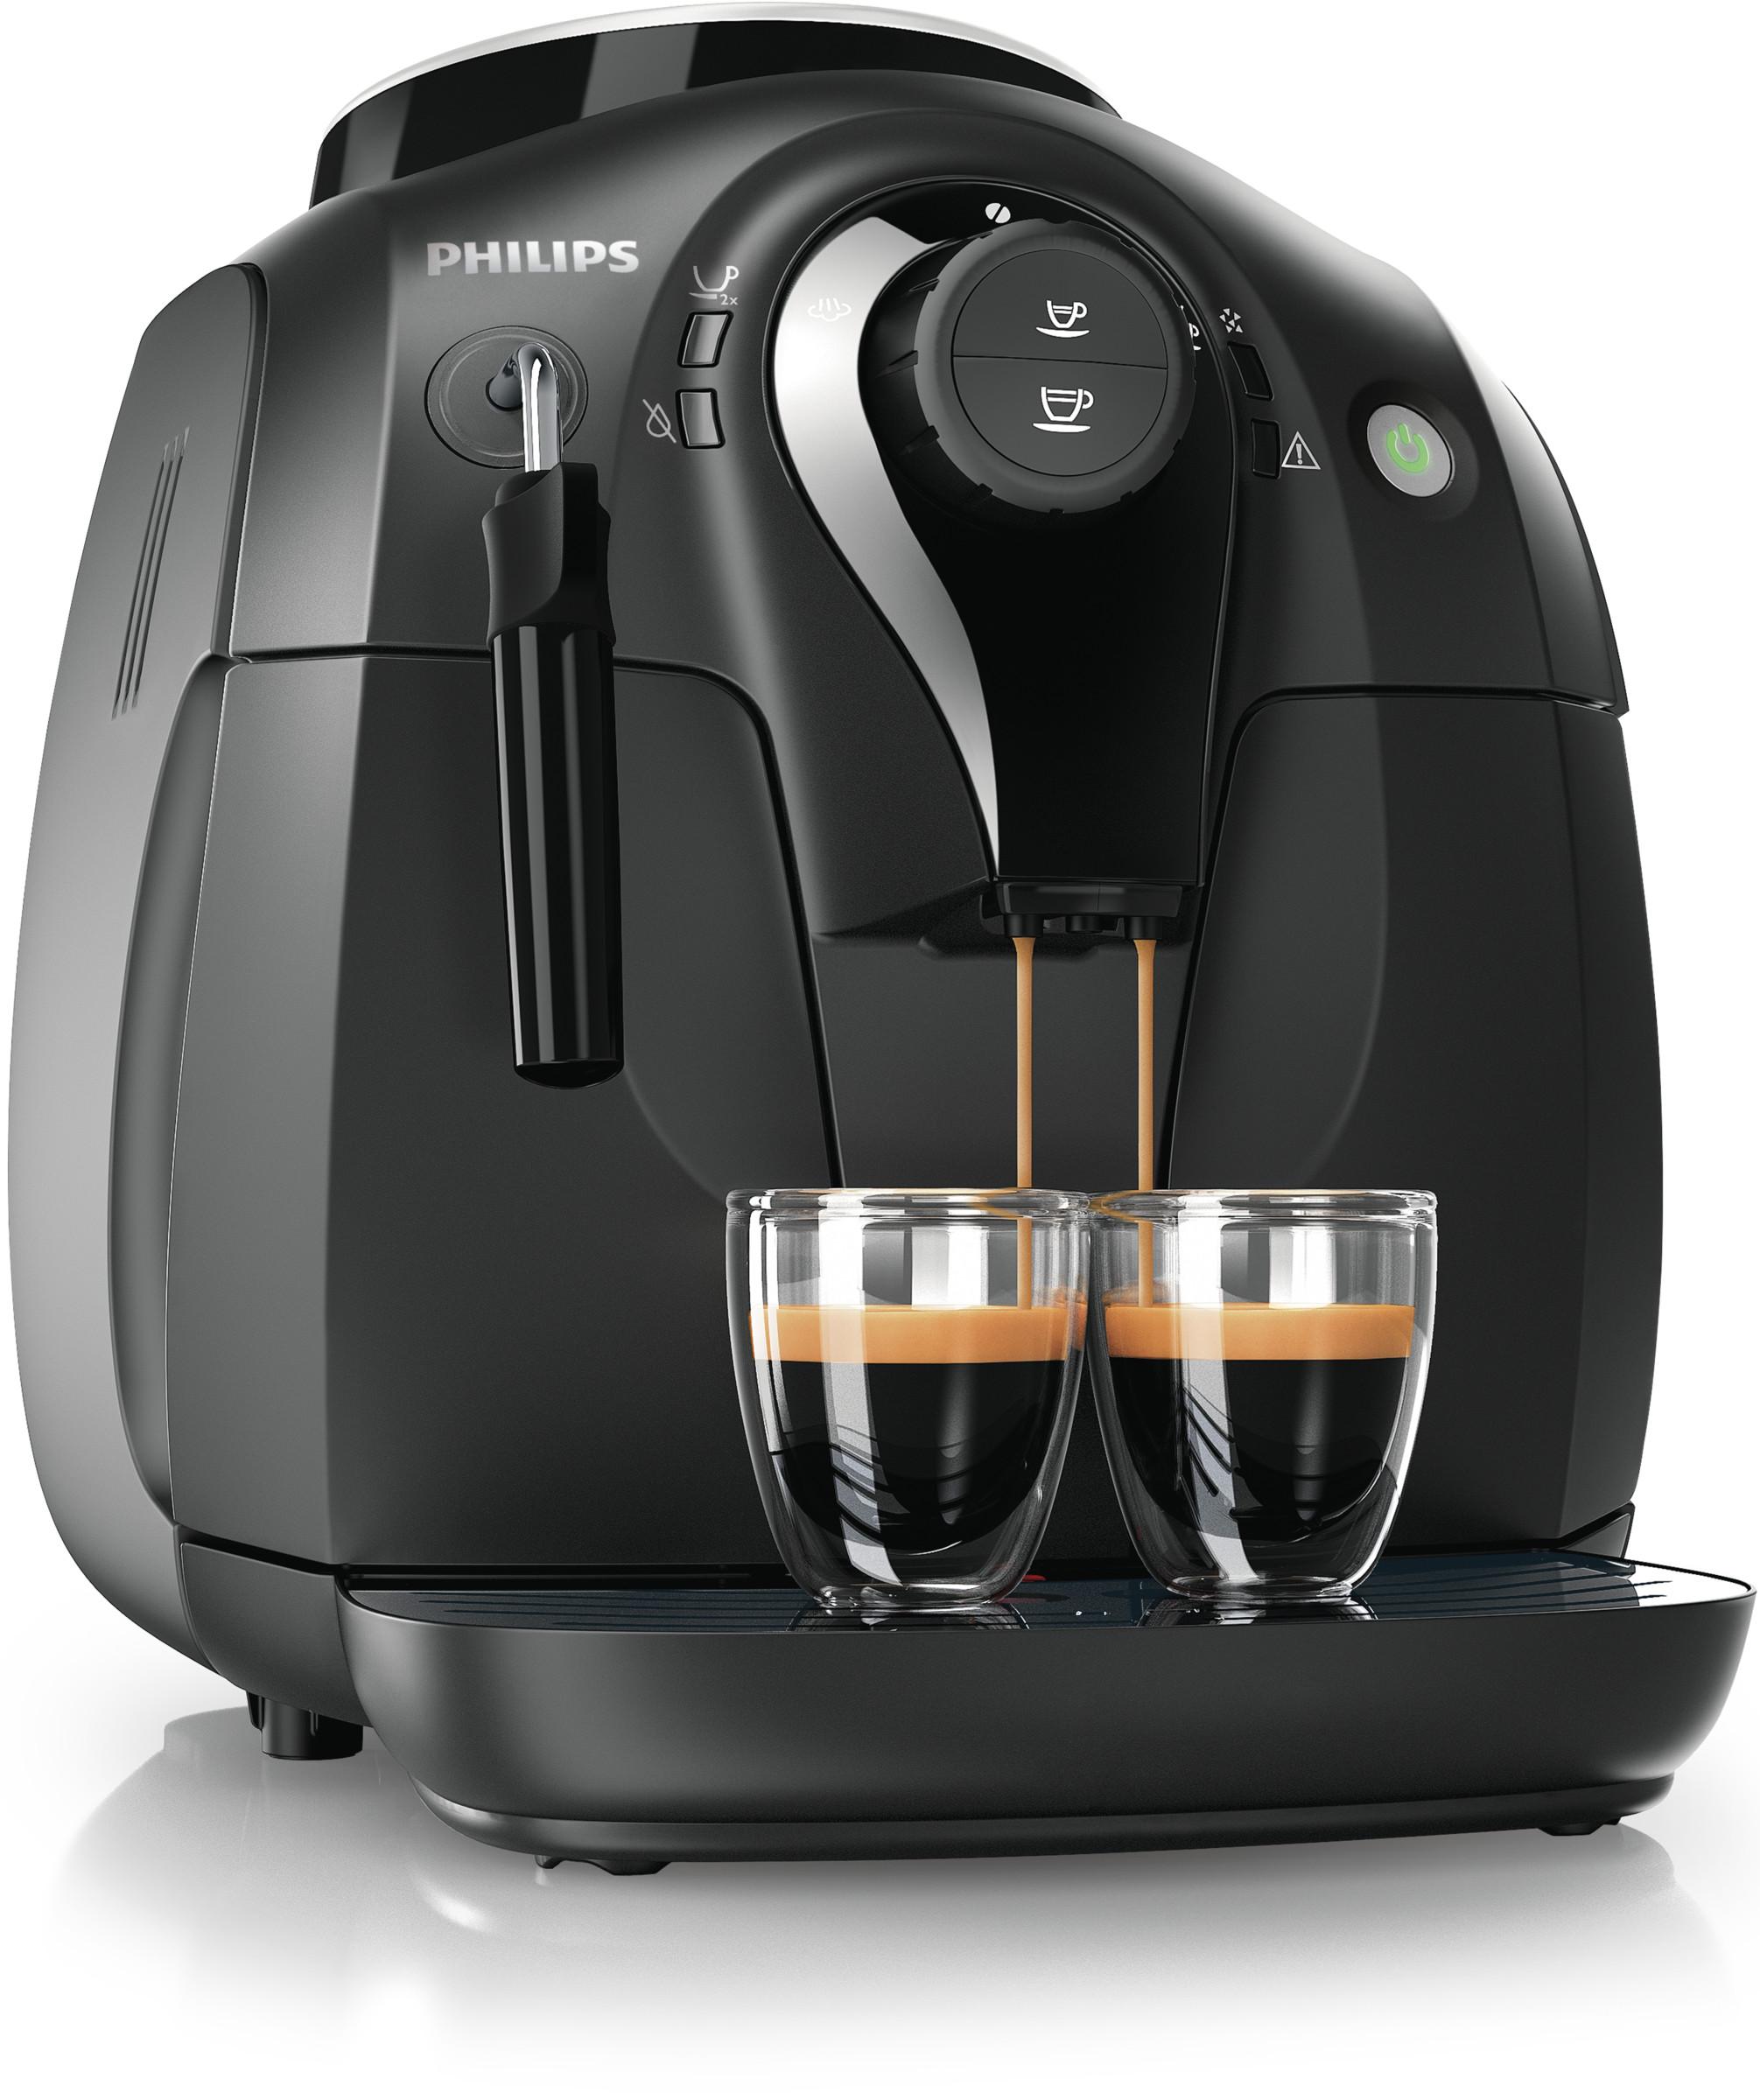 Philips / Saeco Series 2000 Vapore Super Automatic Espresso Machine Black HD8651/14